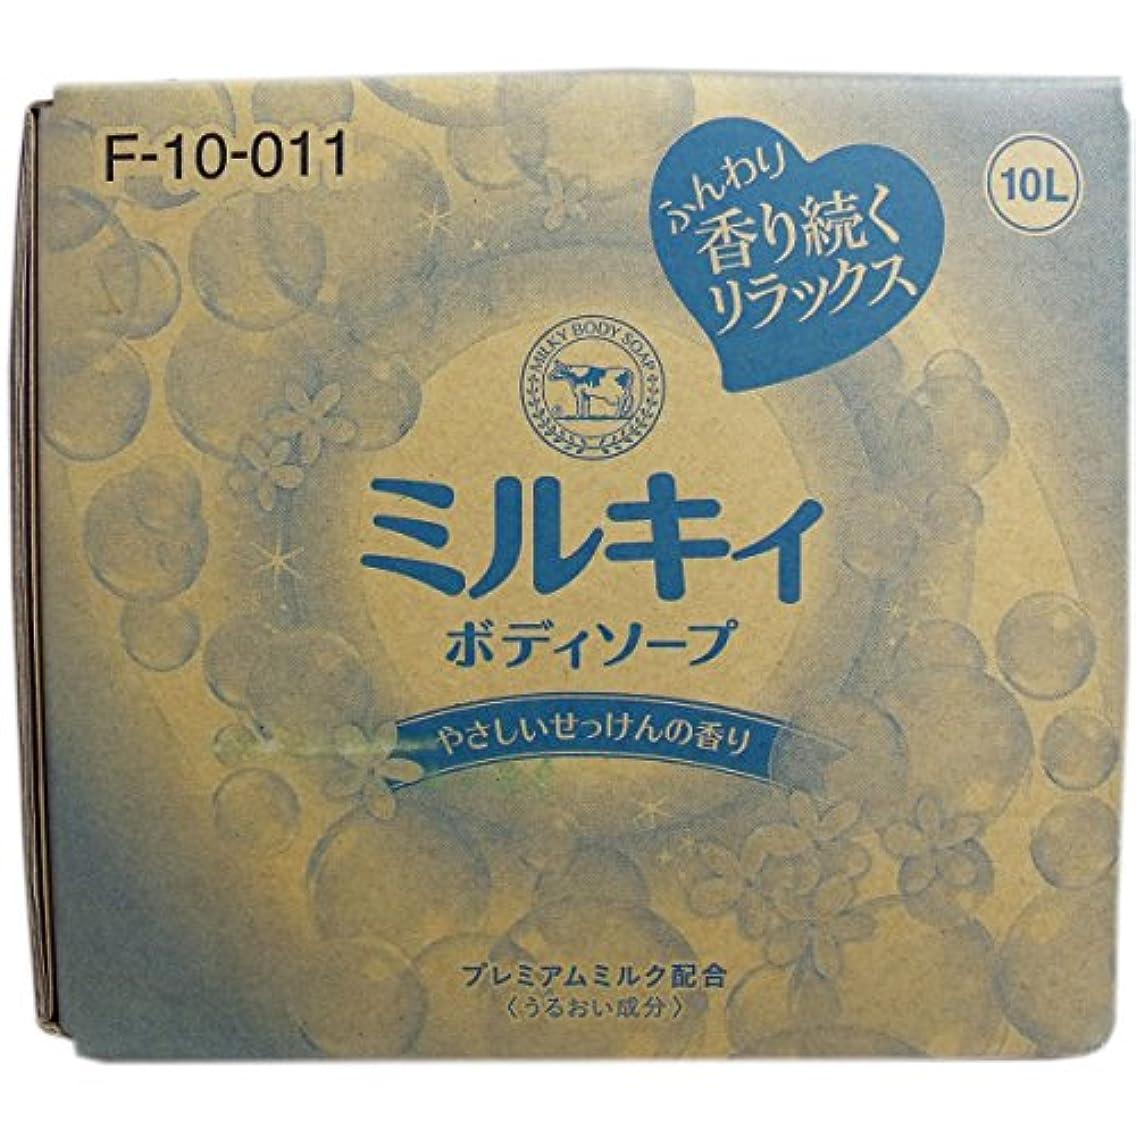 ナースボンドハンカチ牛乳石鹸 ミルキィボディソープ ミルキィボディソープ 業務用 1個